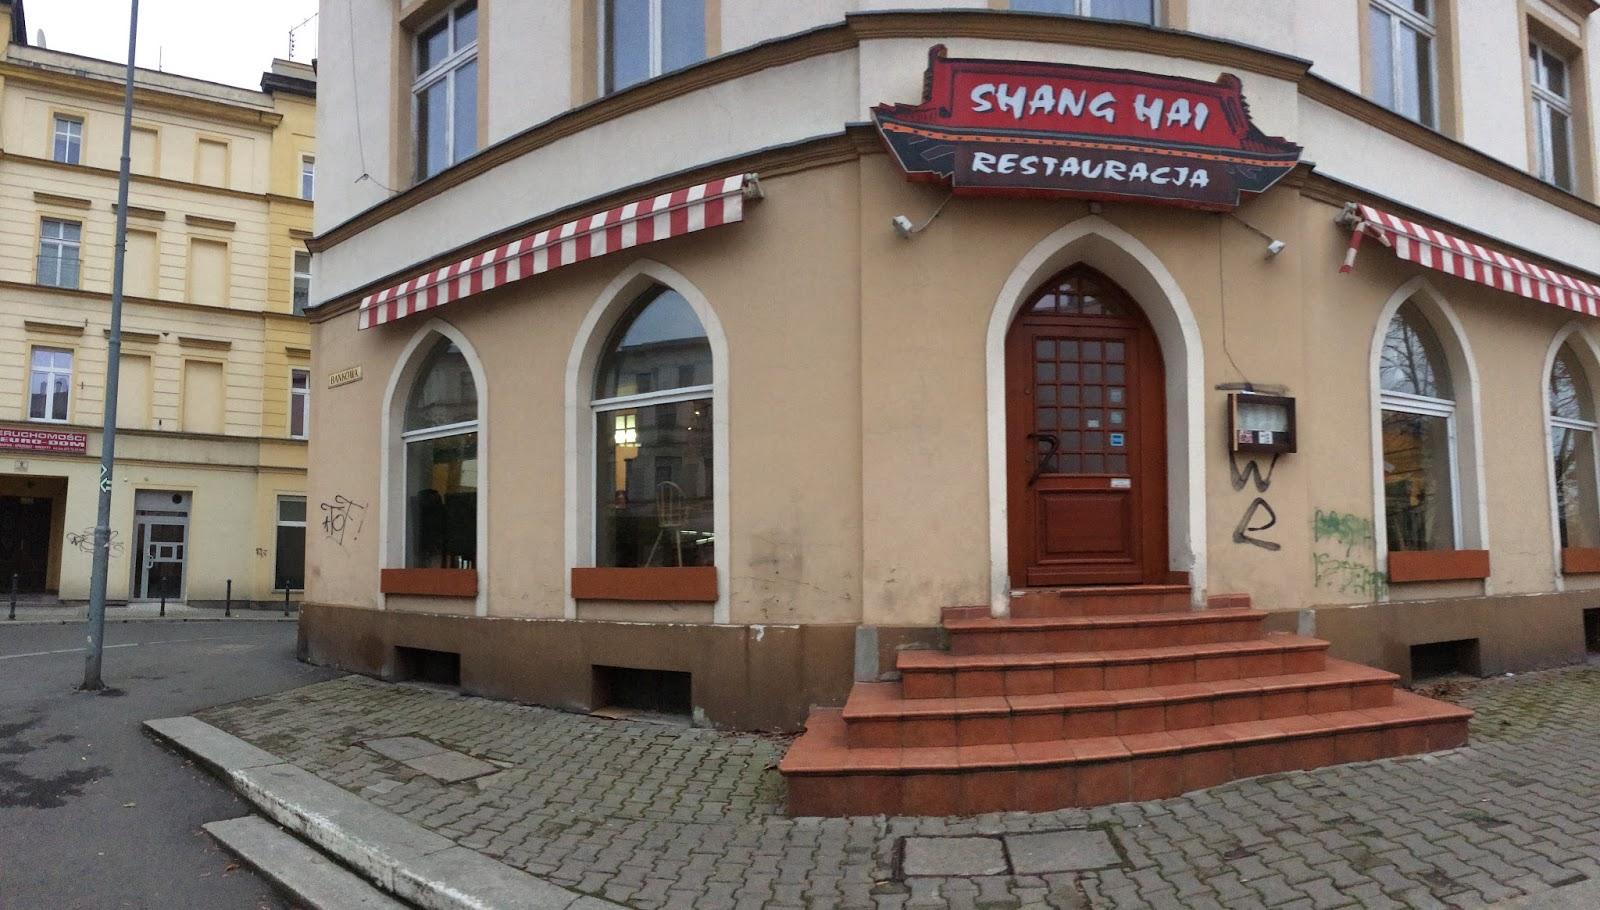 Papufood Restauracja Shang Hai W Jeleniej Gorze